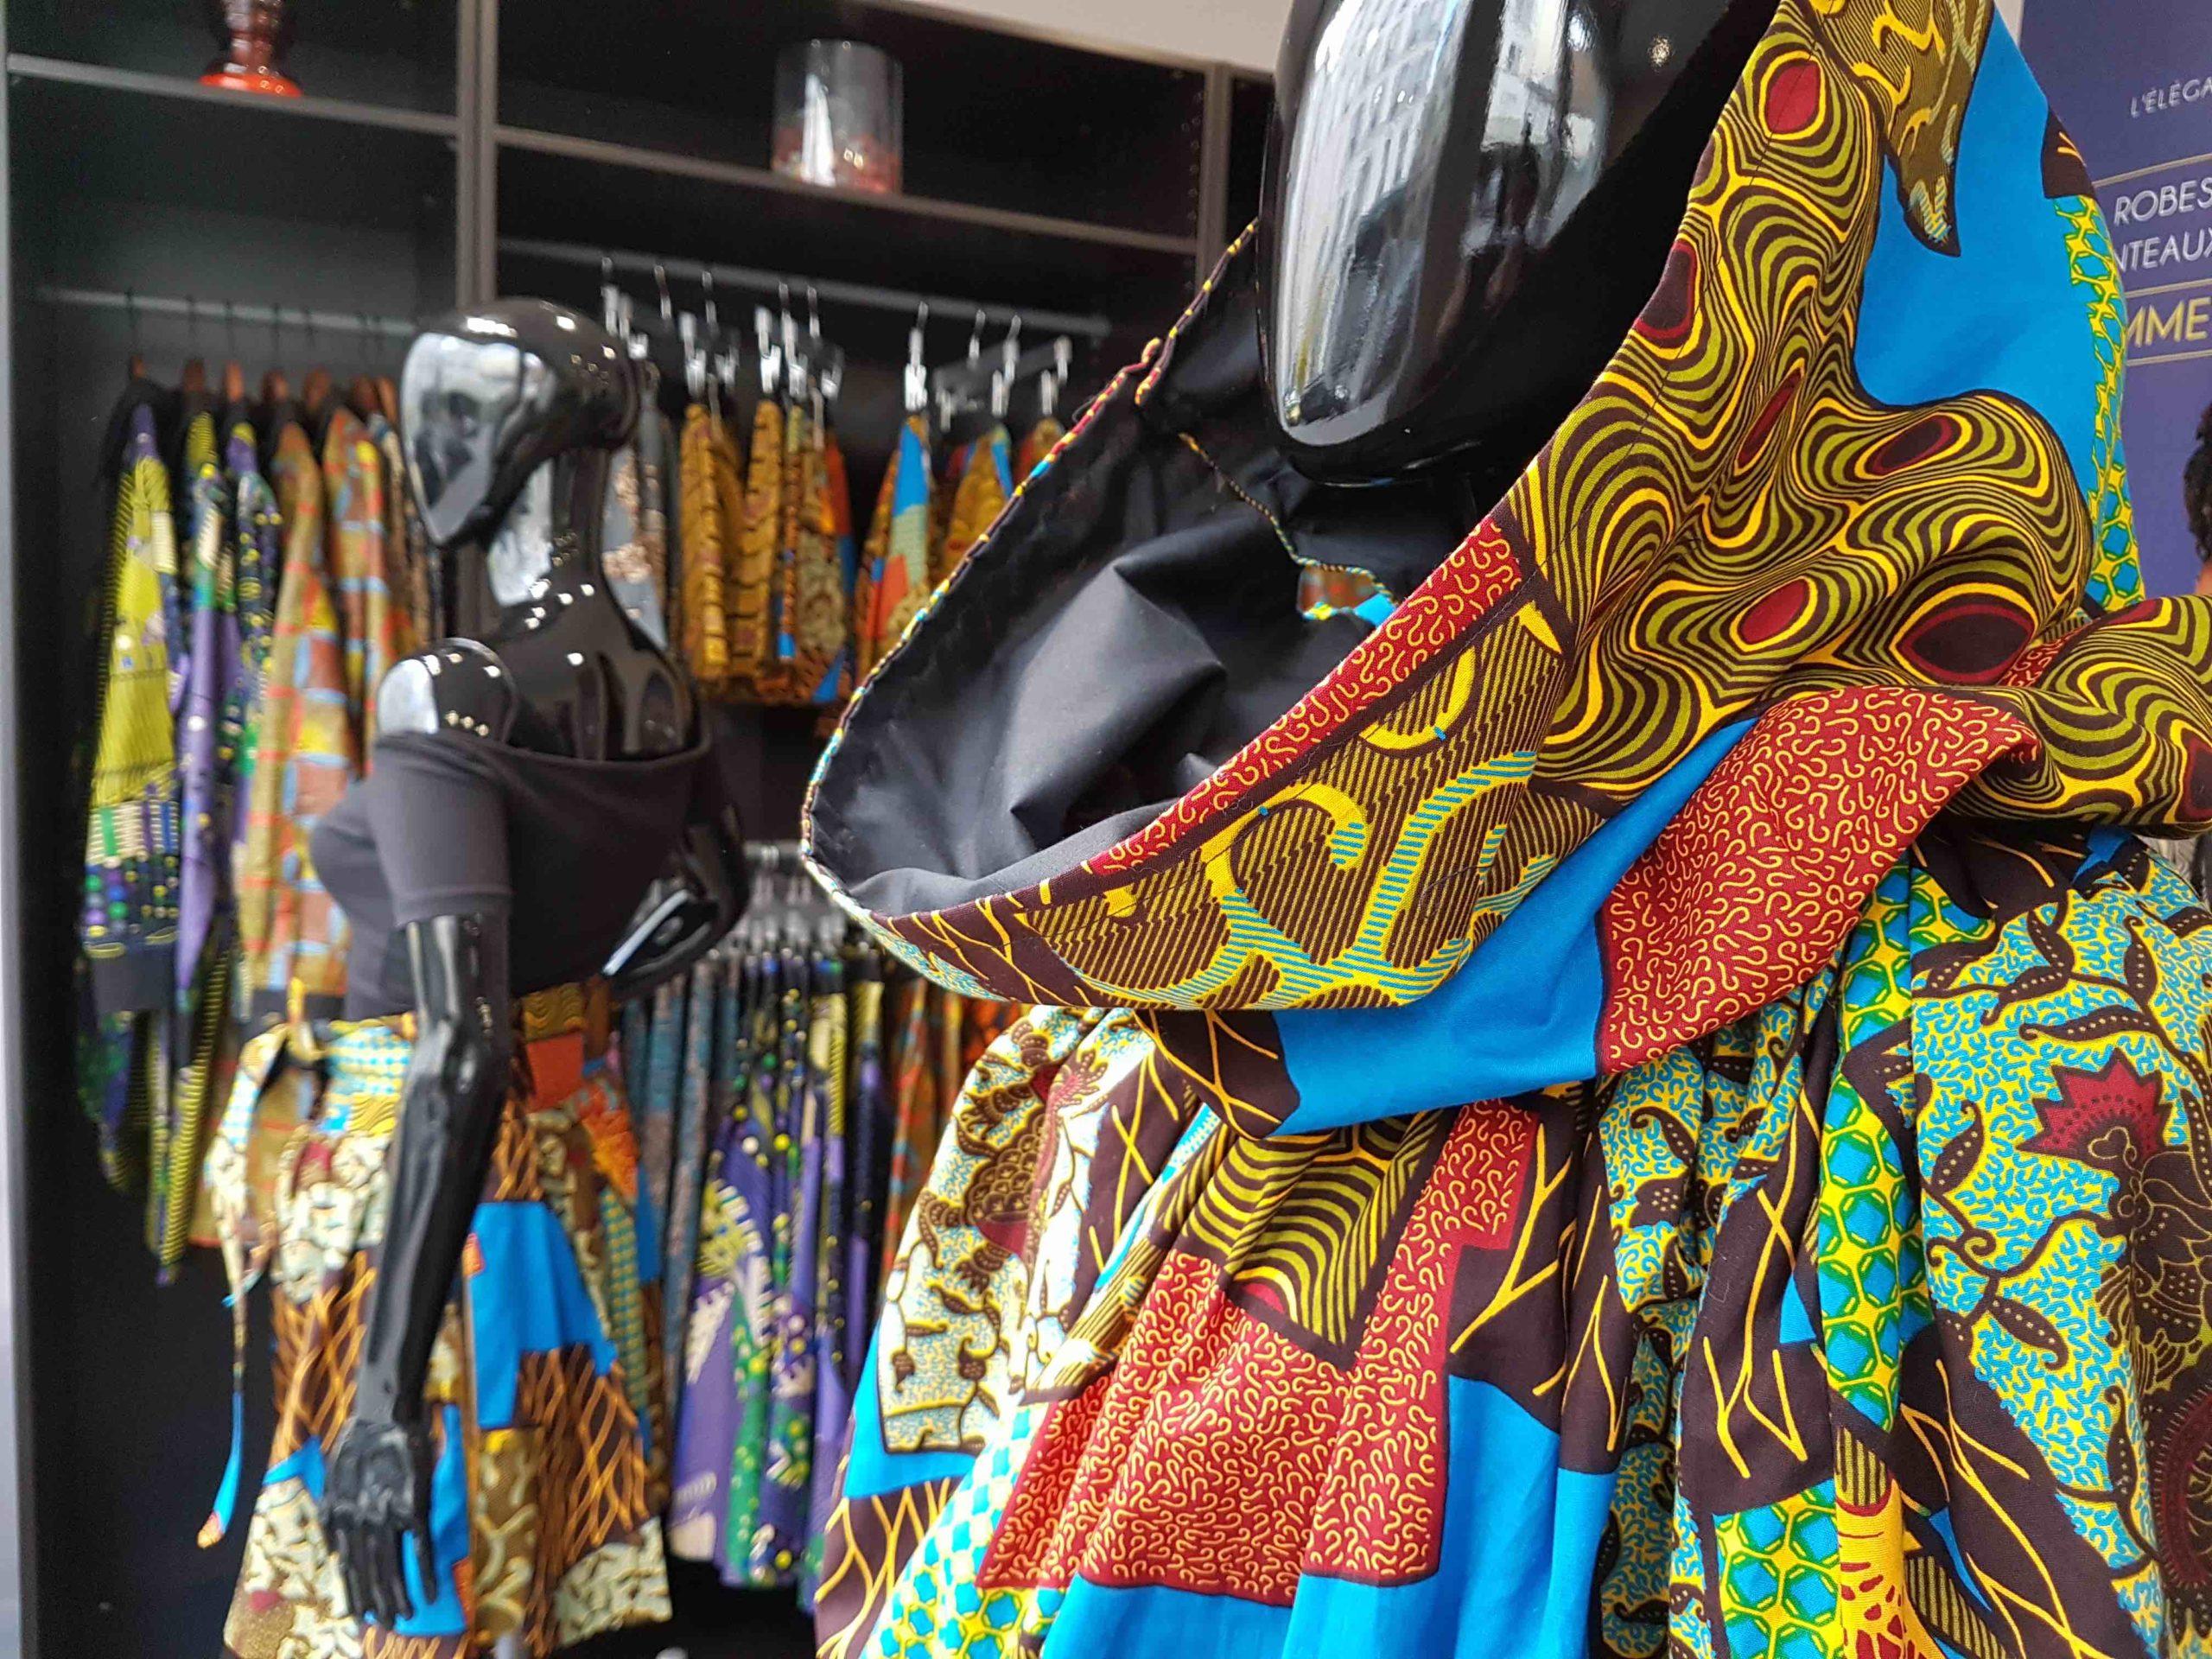 Mansaya Boutique De Createur Vetements En Wax Paris 11 Petitscommerces Fr